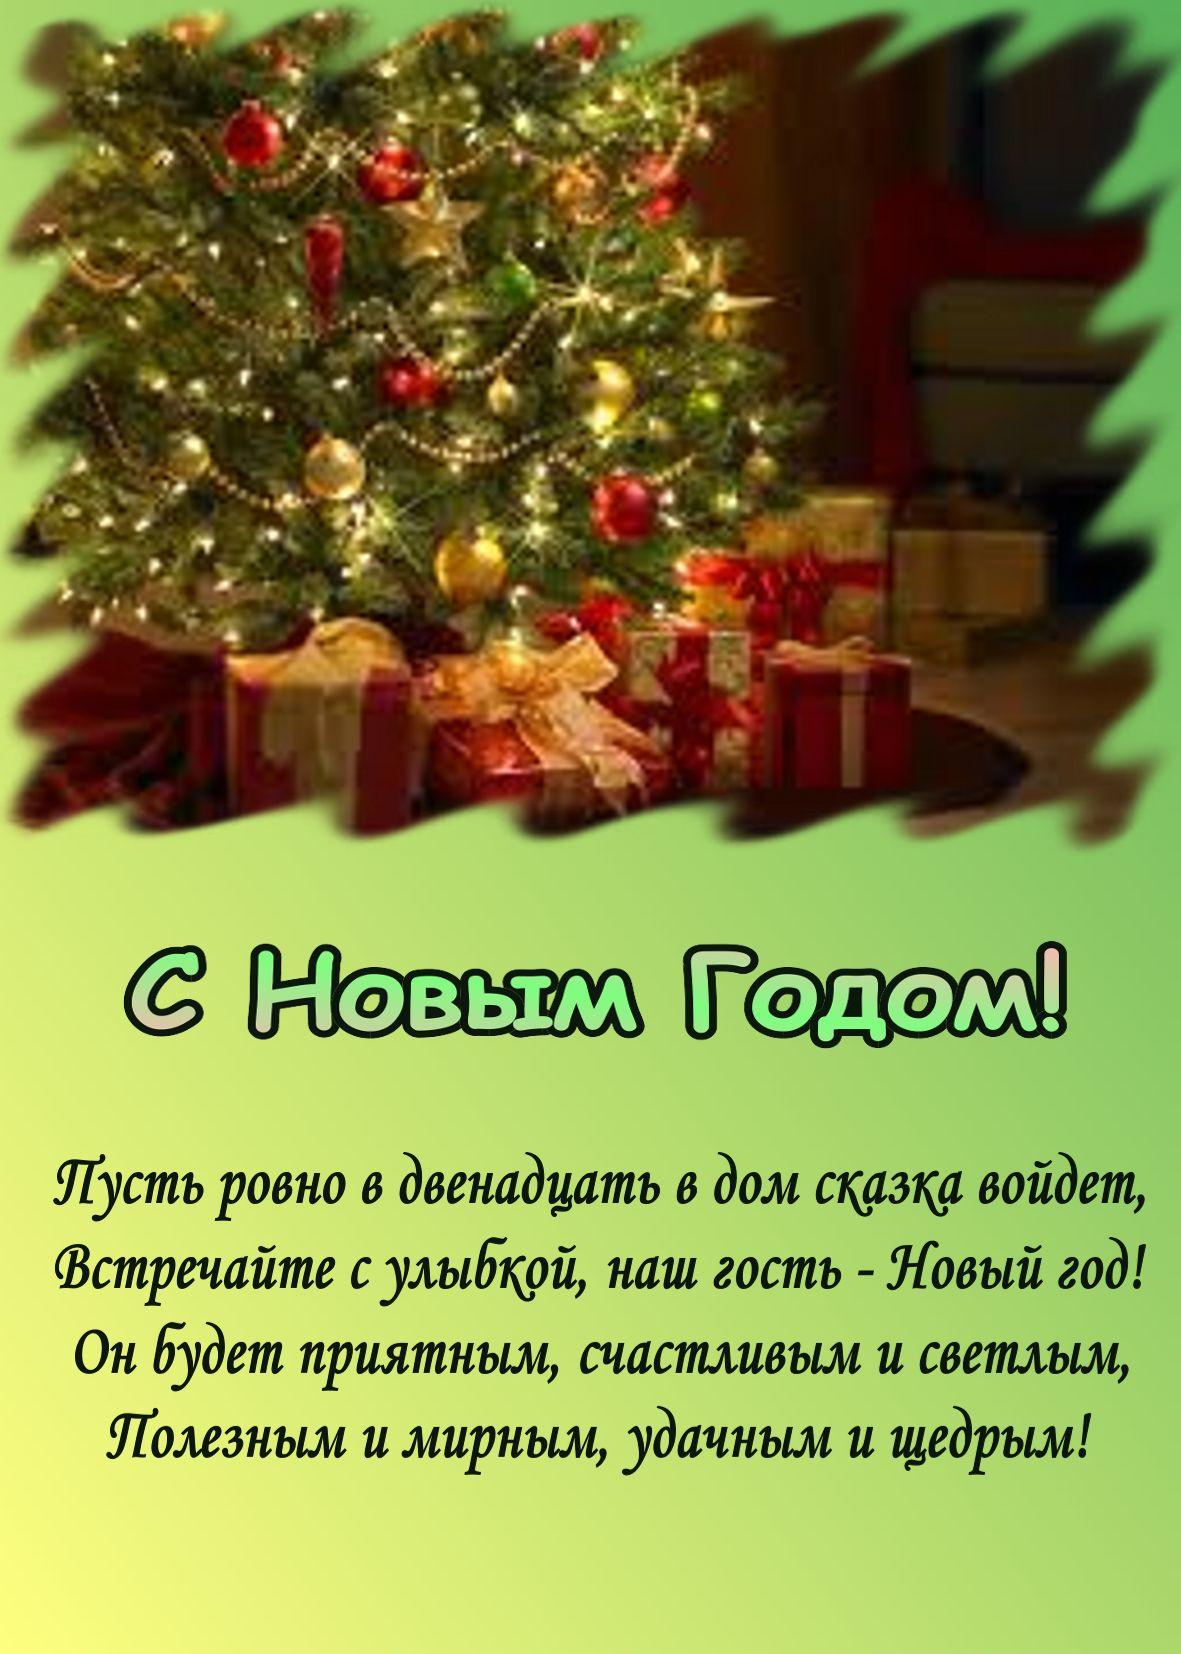 Супер открытка на новый год